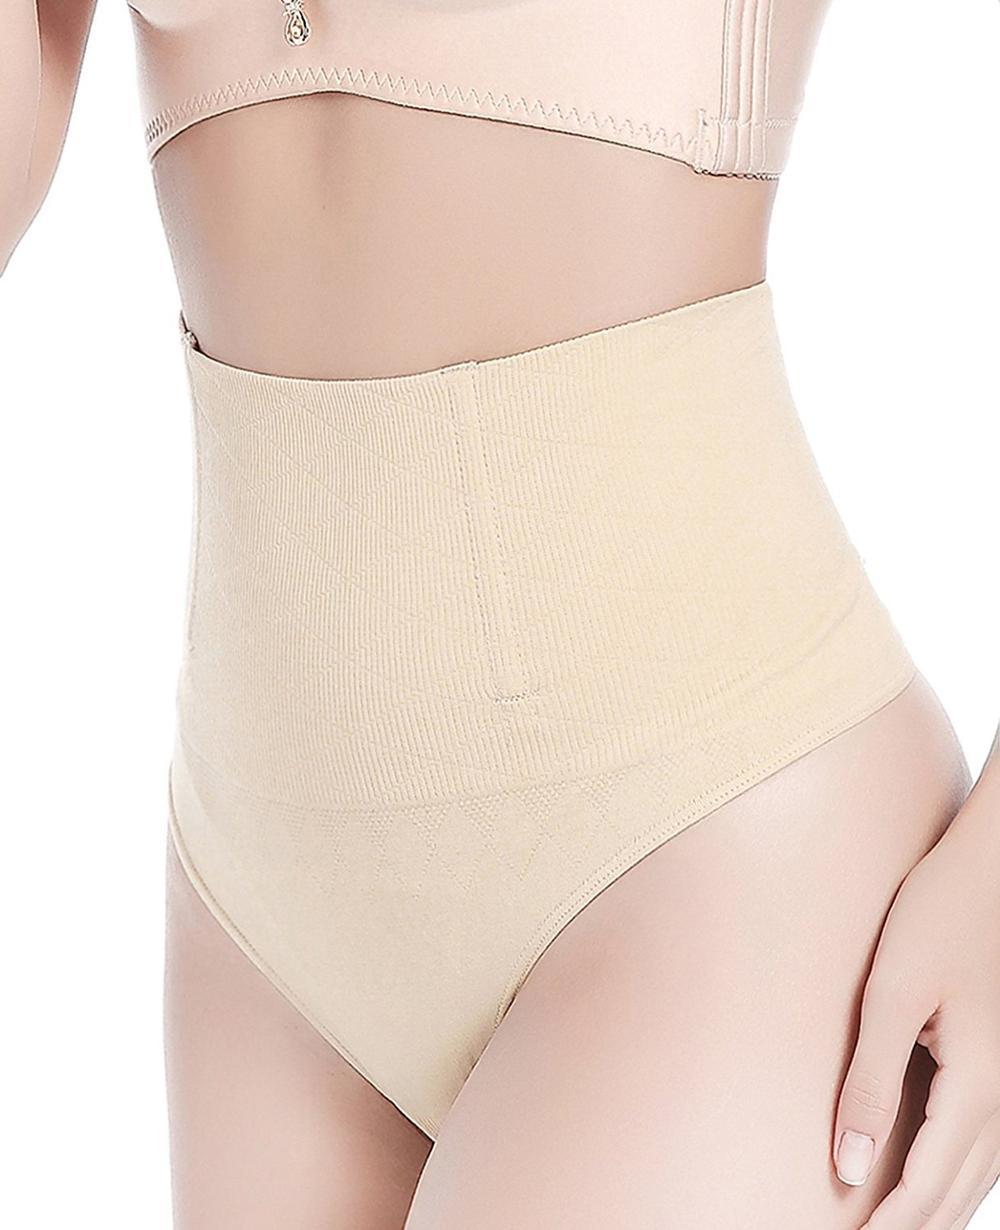 e19ca6d92f97a High Waist Trainer Tummy Slimming Control Waist Cincher Body Shaper Thong  G-String Butt Lifter Seamless Panties Underwear